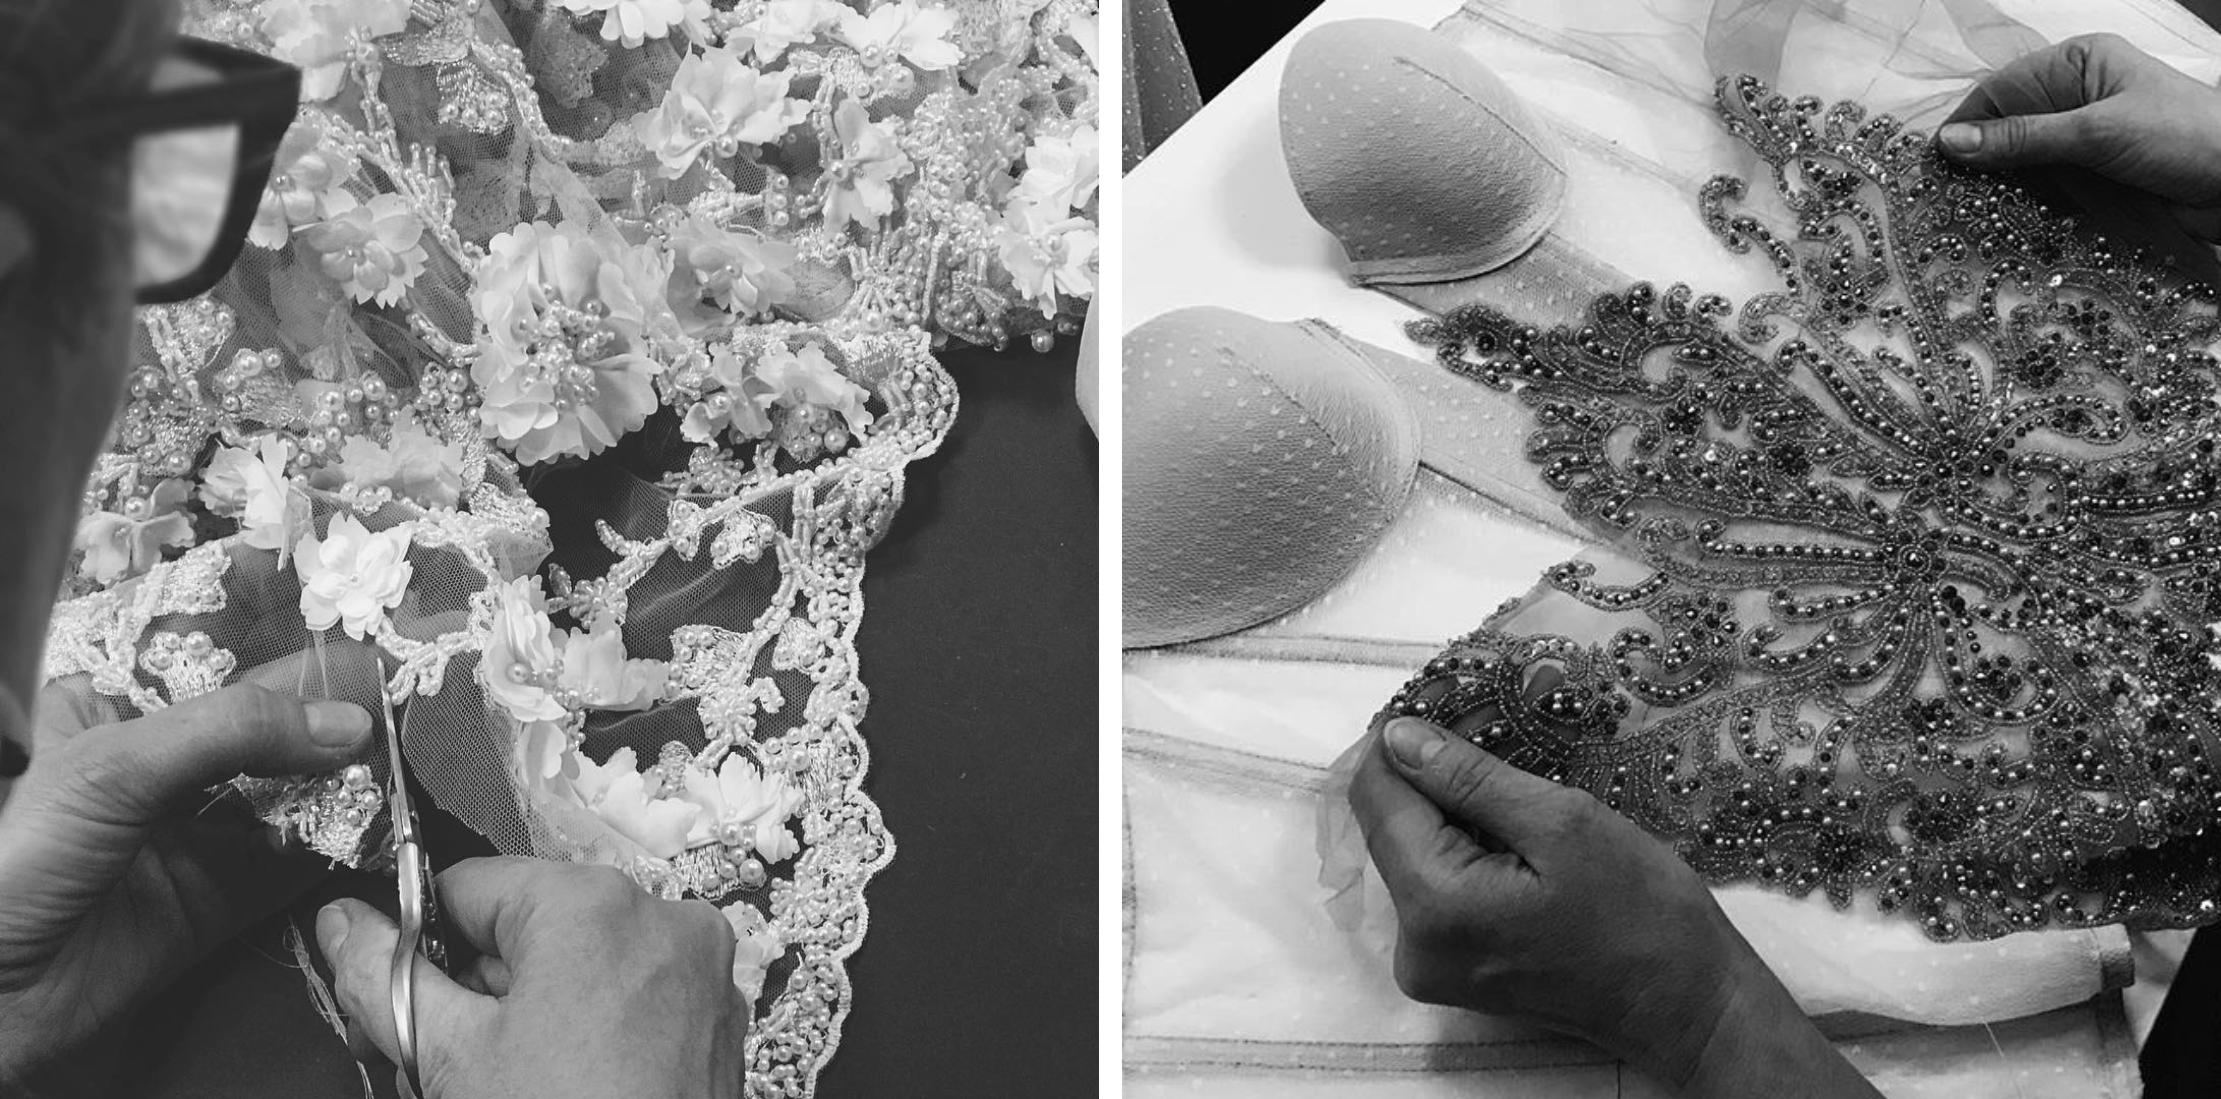 КОРСЕТ - ОБЛЕГЧЕННЫЙ МОДЕЛИРУЮЩИЙ Как правило встроен в платье. Это мягкий аксессуар для легкой стяжки талии и фиксации груди. Уникальная израильская технология пошива. Грудь не просто «прикрыта» накладными чашками, она красиво стоит на своём месте, а благодаря мягким косточкам исчезают лишние заломы по талии.